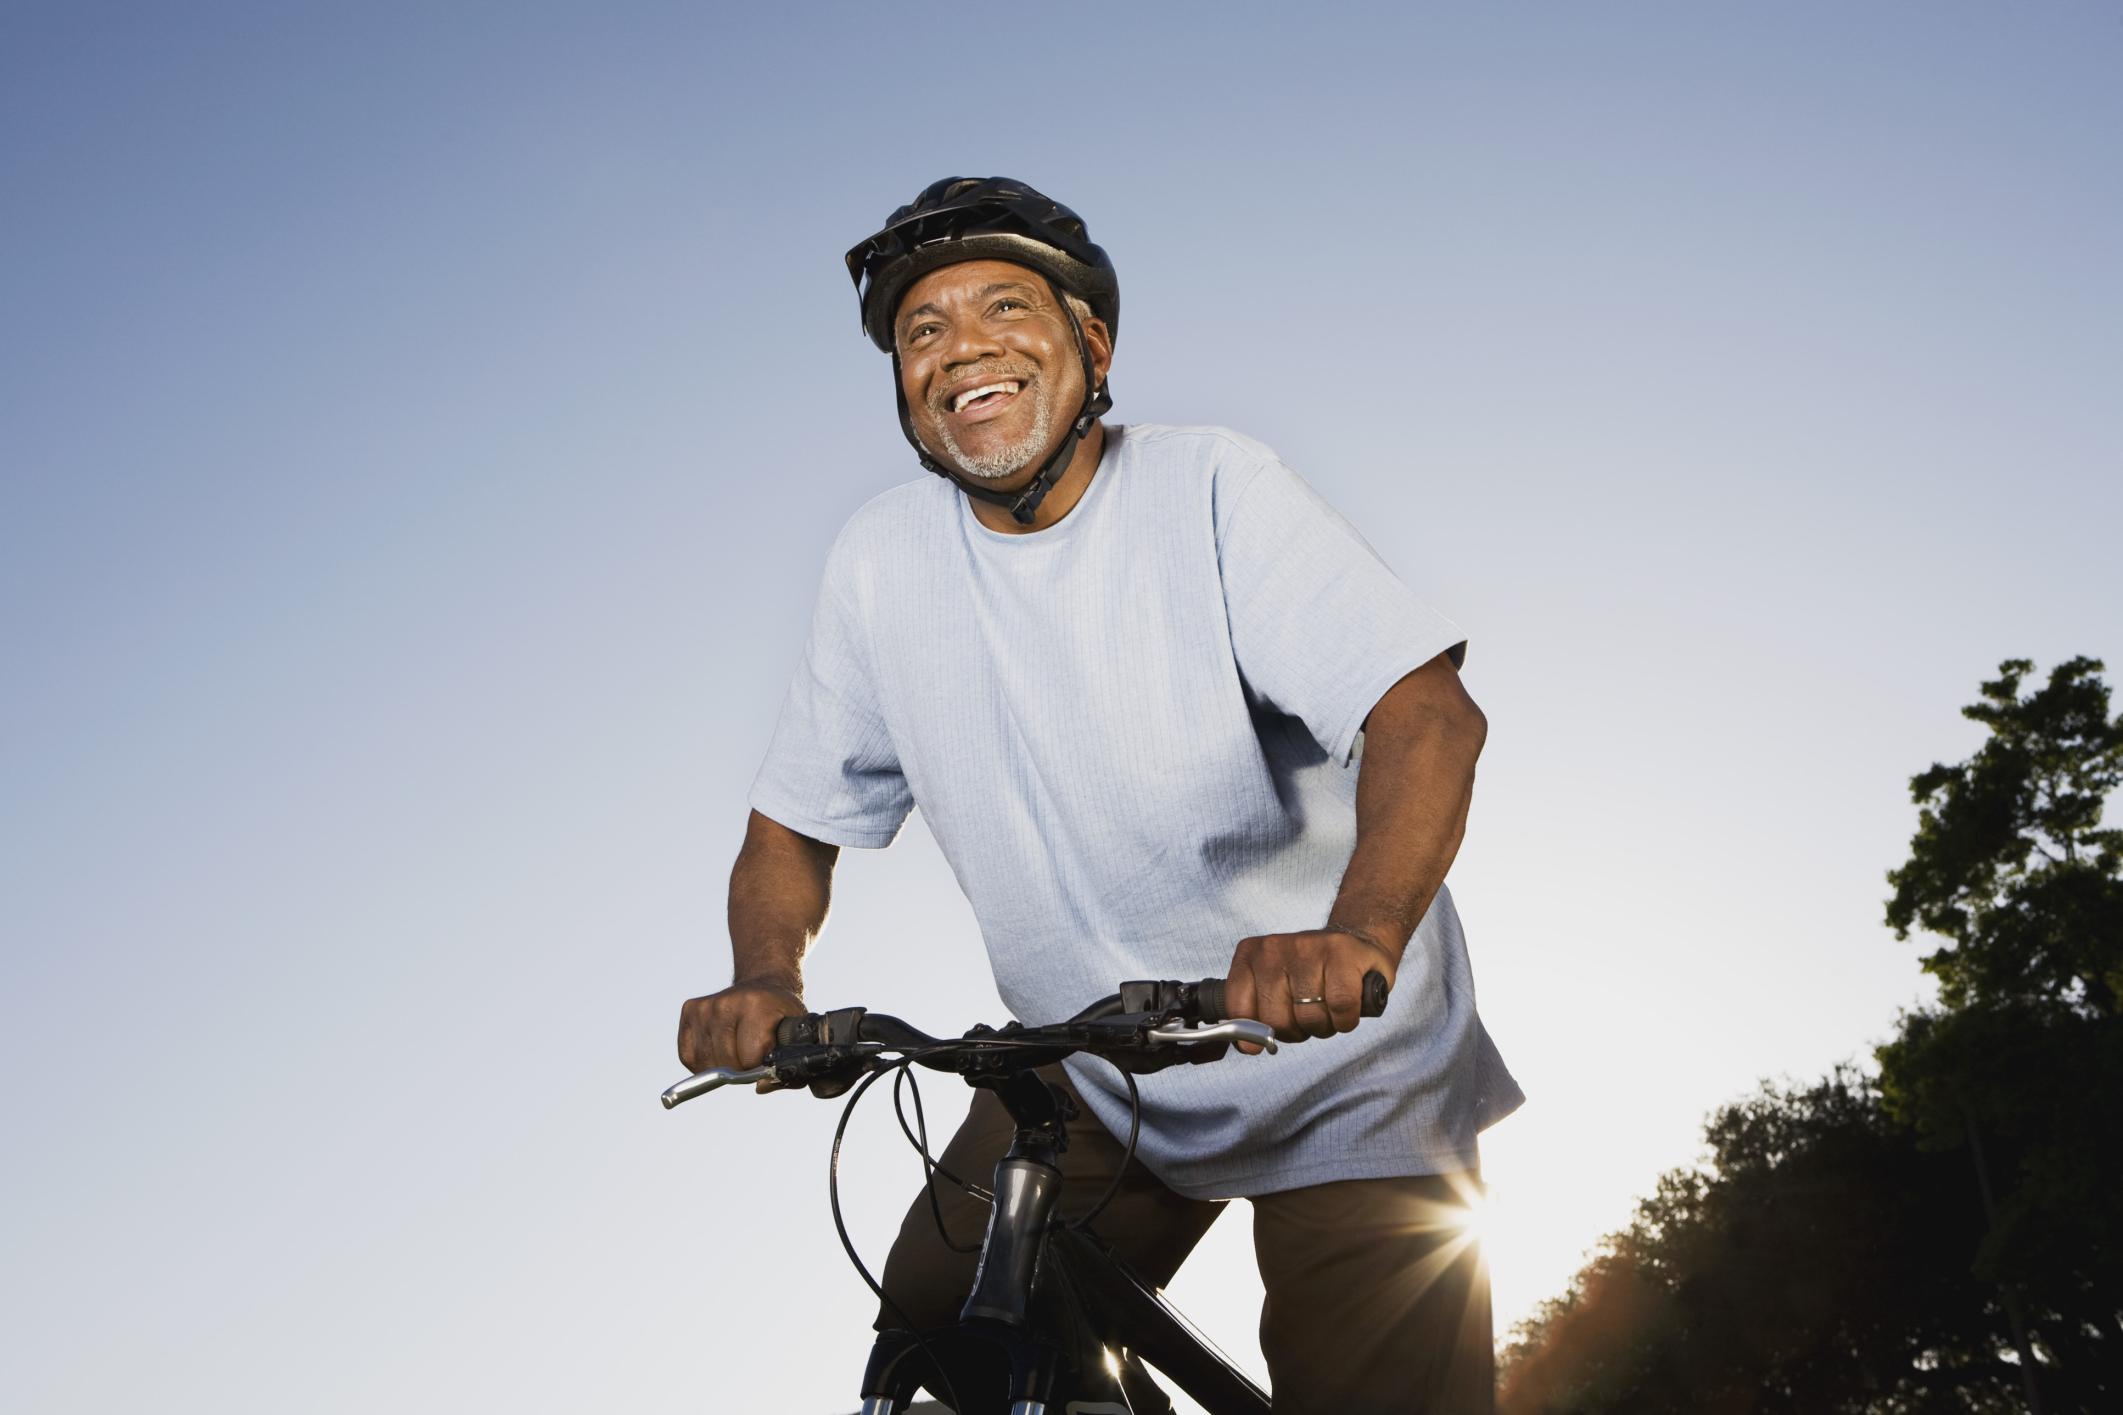 Male Bike